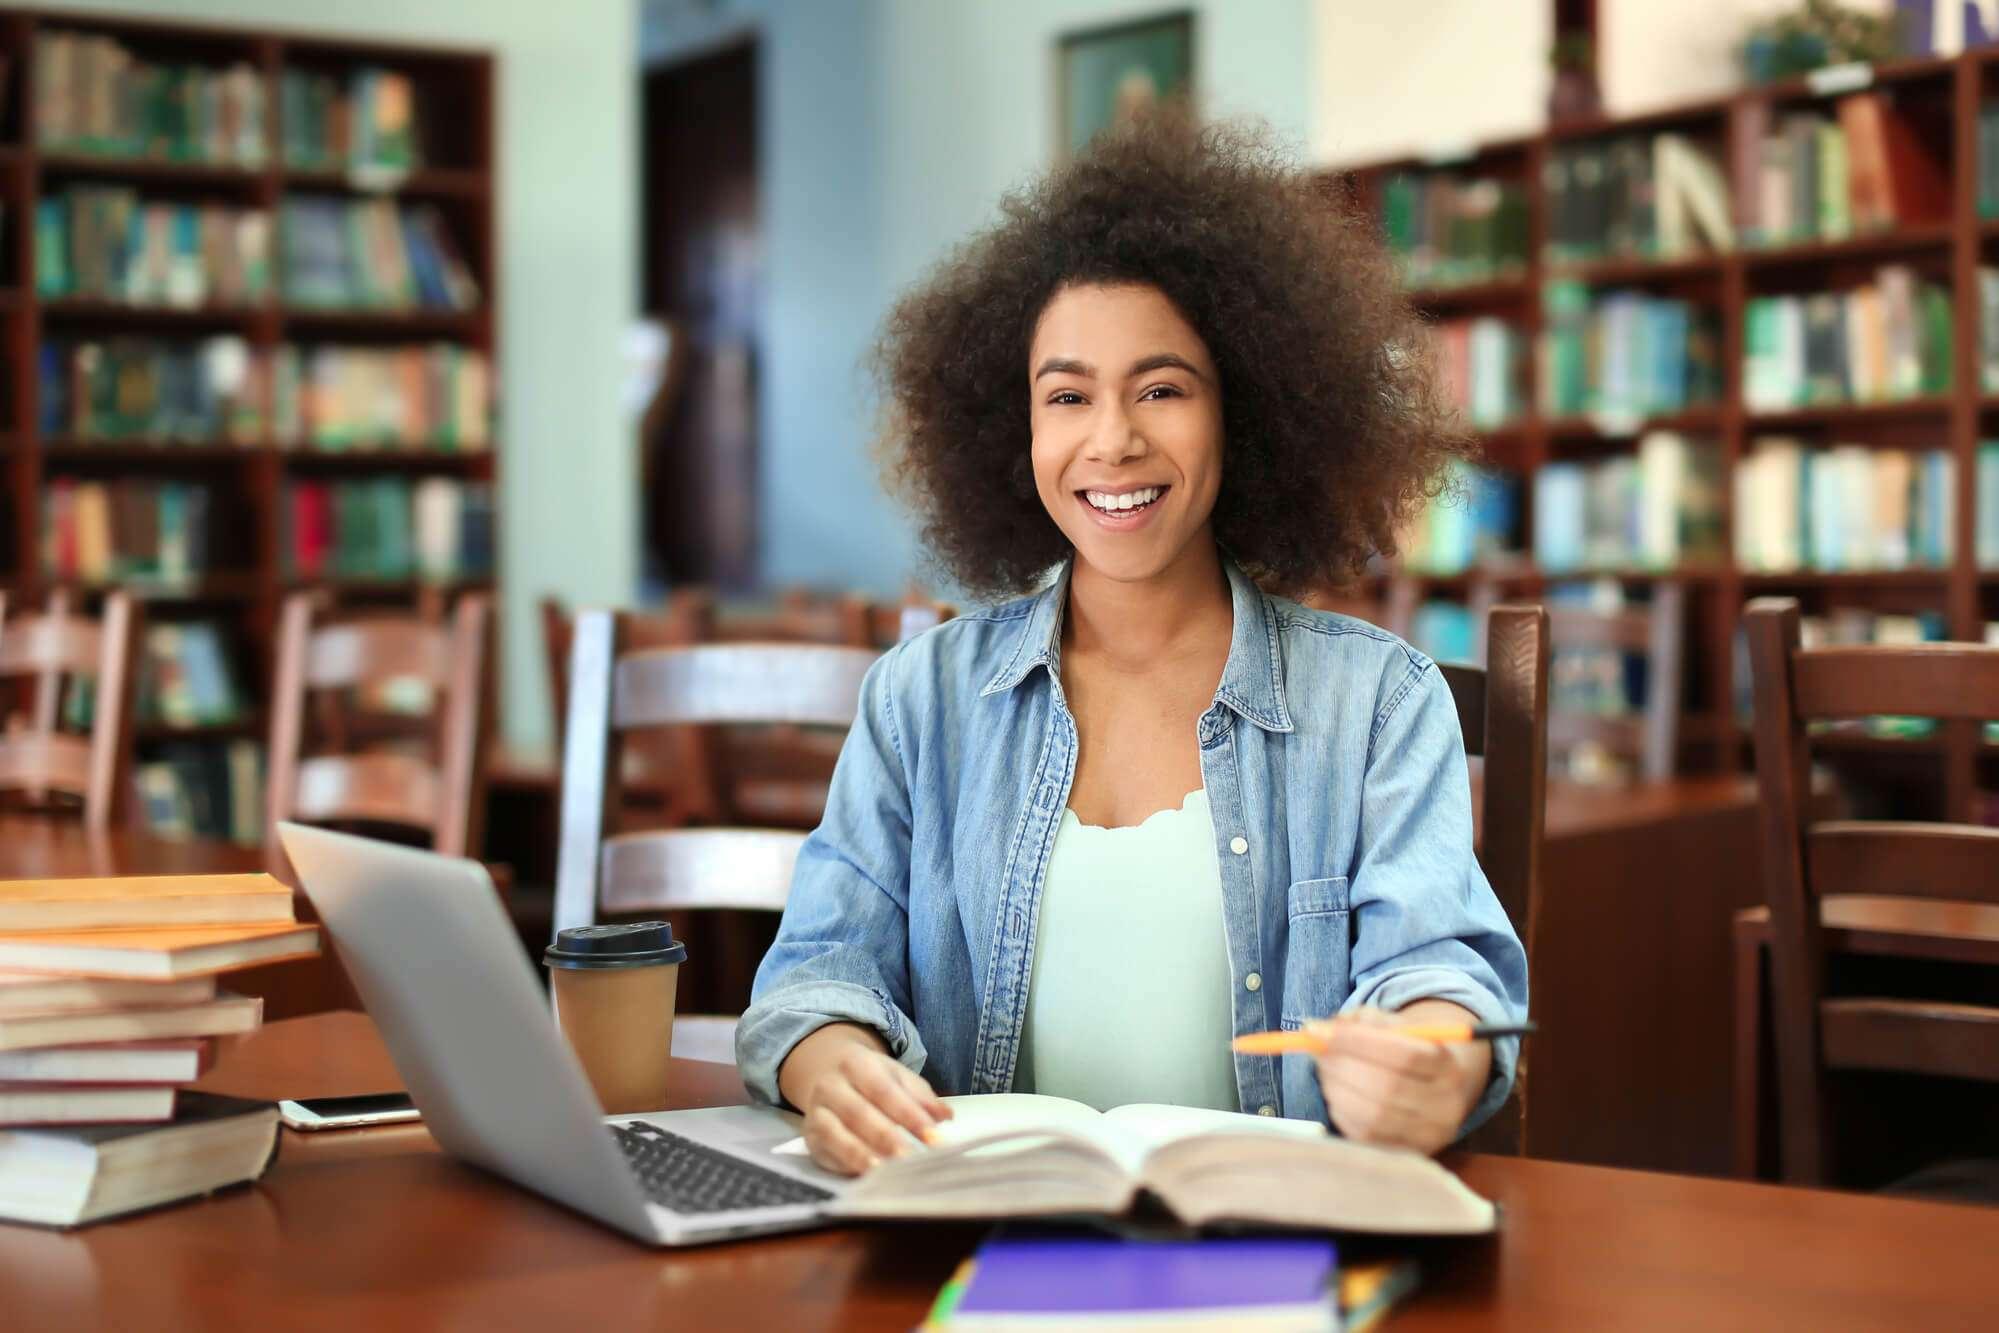 Gestão De Projetos: Invista No MBA Da FGV